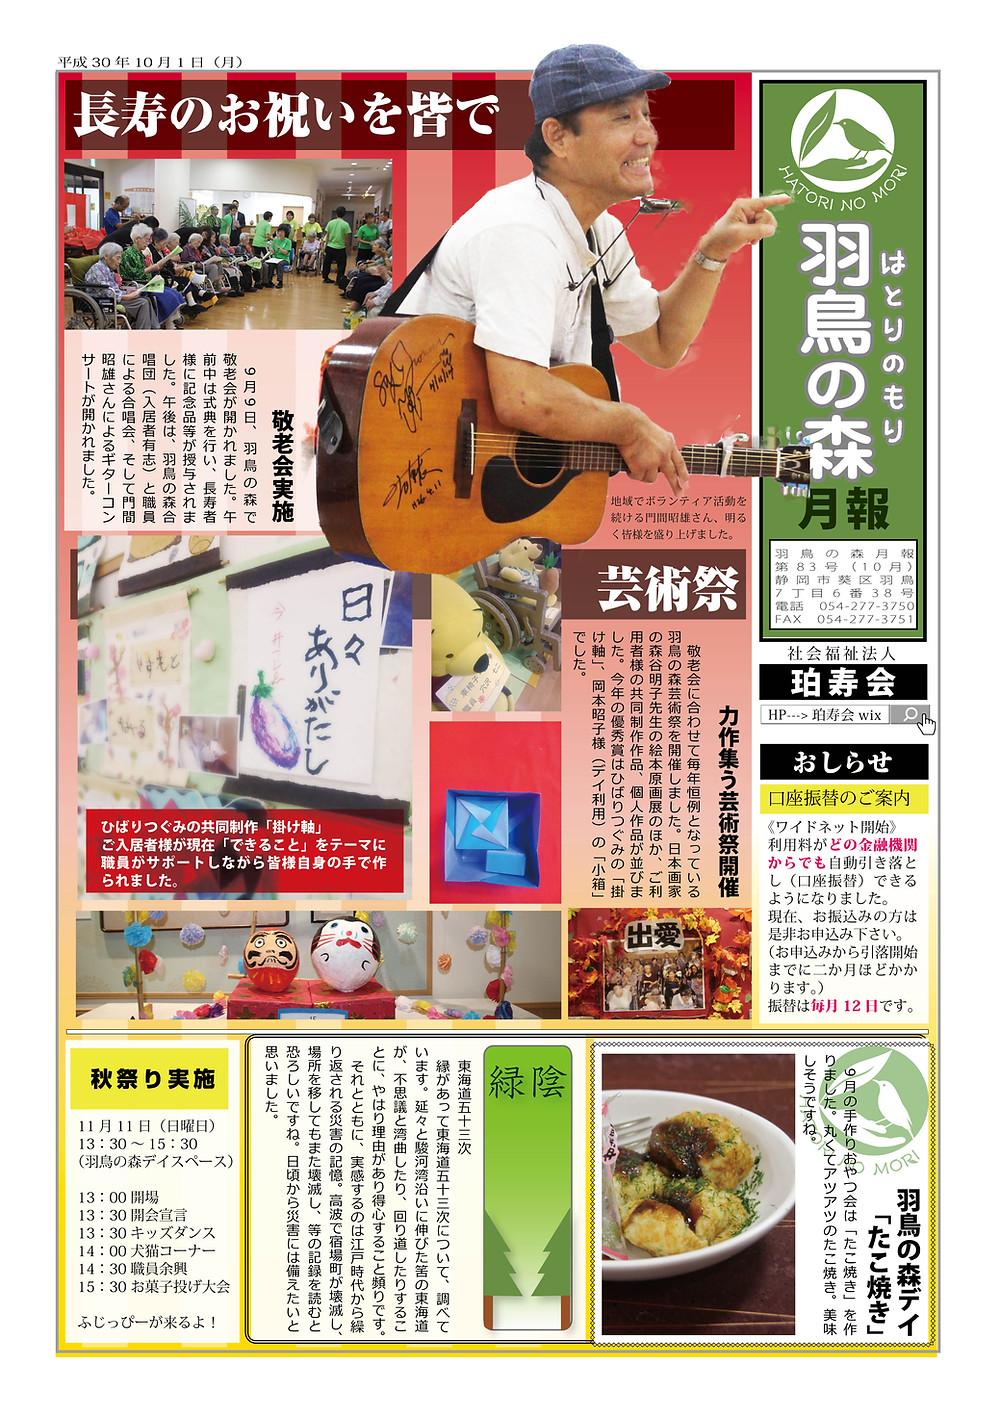 月報201807号 | 羽鳥の森 | 特別養護老人ホーム|静岡市葵区